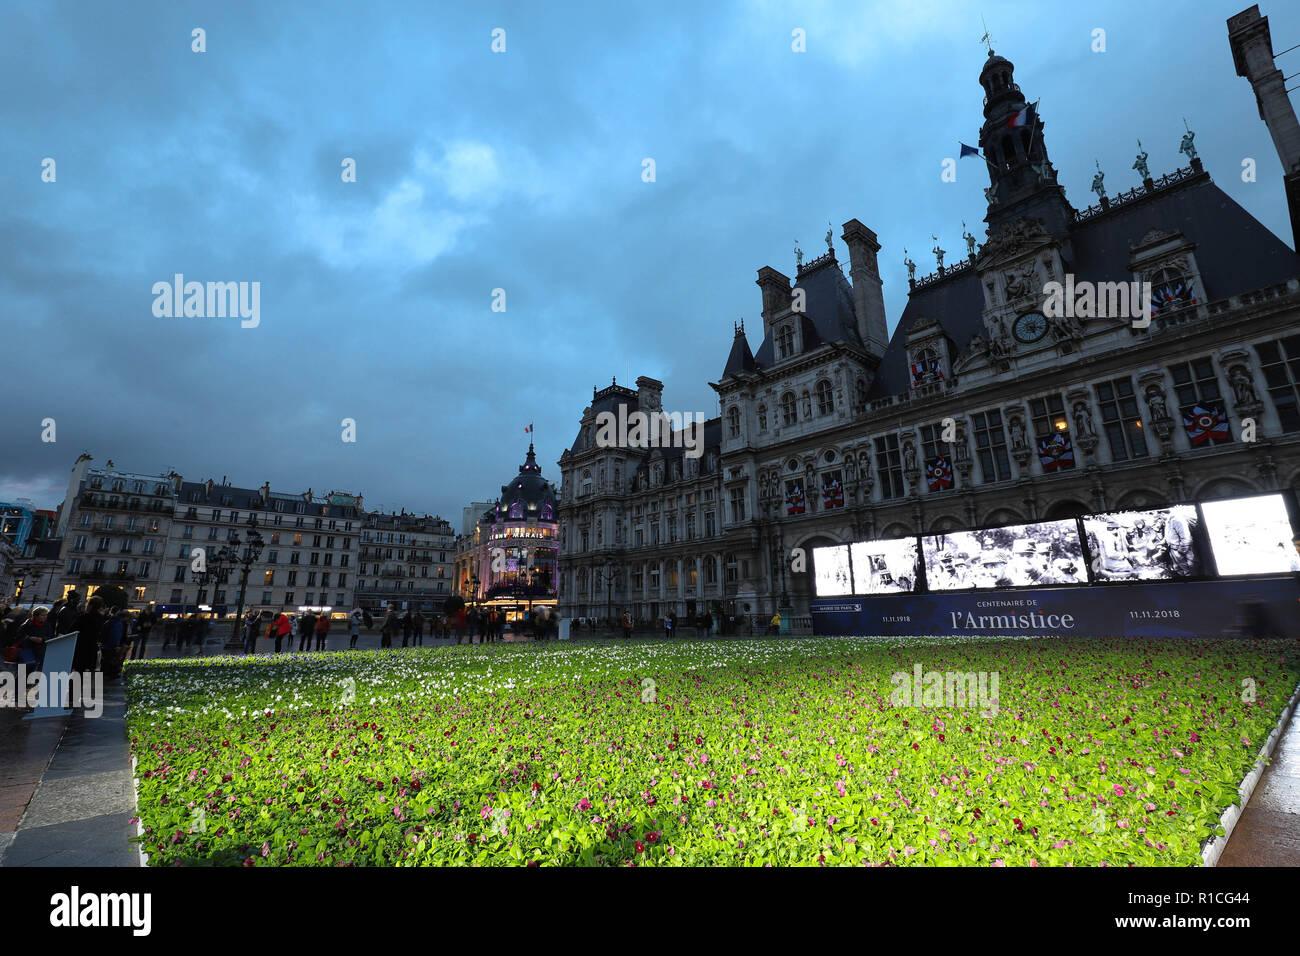 À l'occasion du centenaire de l'Armistice de la Première Guerre mondiale, l'hôtel de ville de Paris définit 94 415 bleu, blanc et rouge fleurs en face de l'hôtel de ville. Banque D'Images